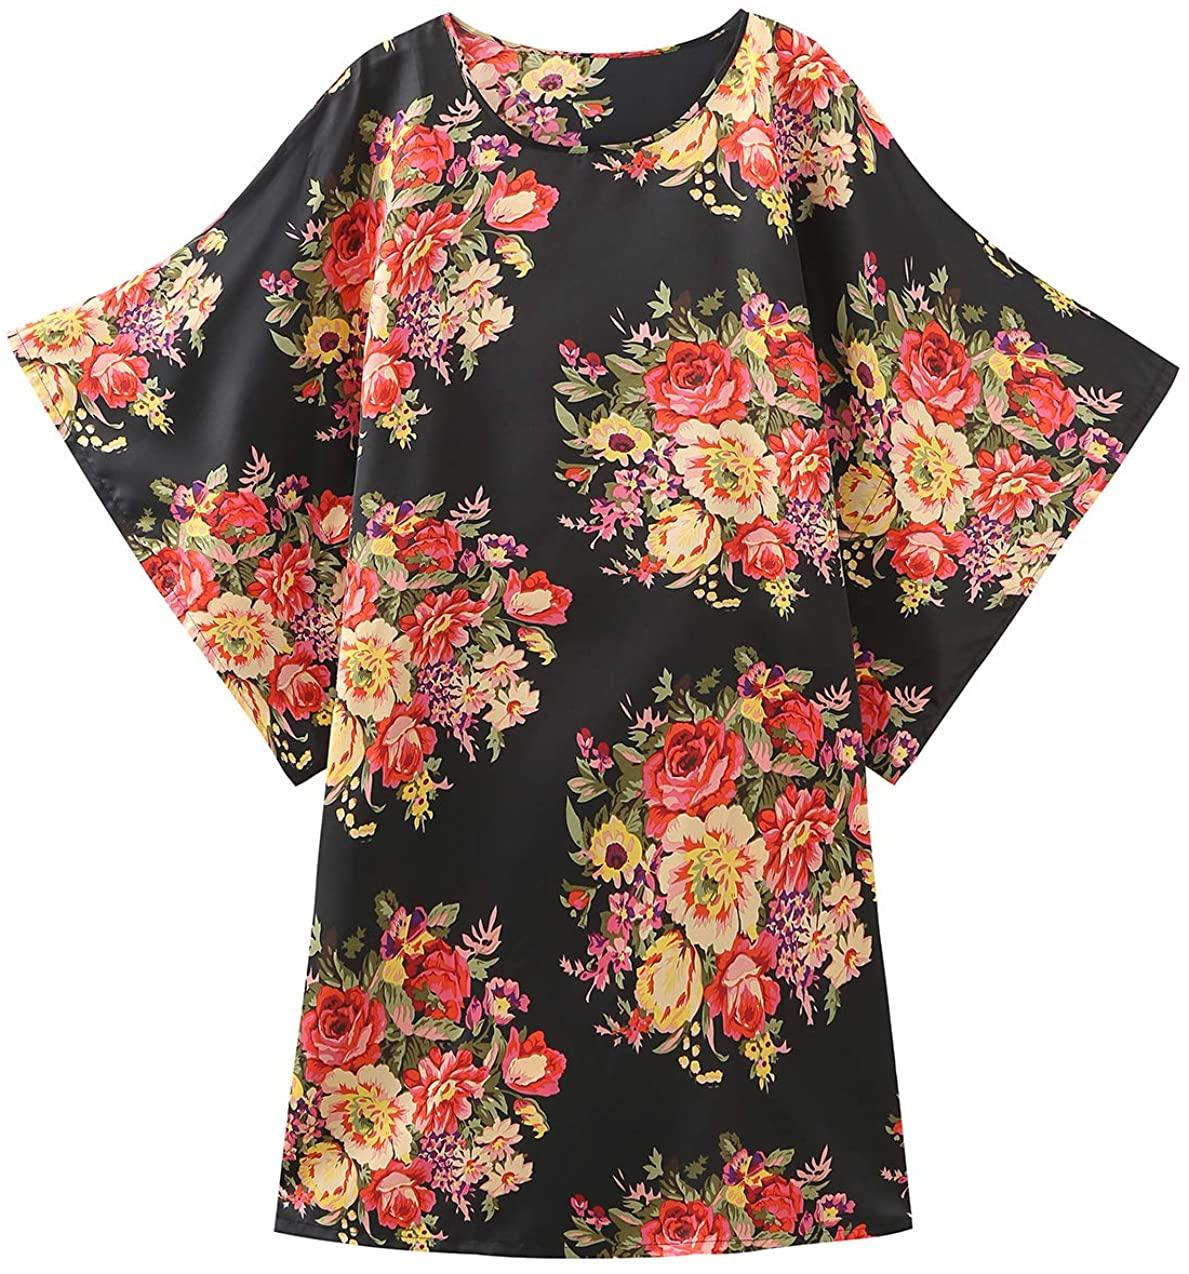 Women's Floral Kimono Robes Satin Plus Size Lightweight Loose Bathrobes for Women